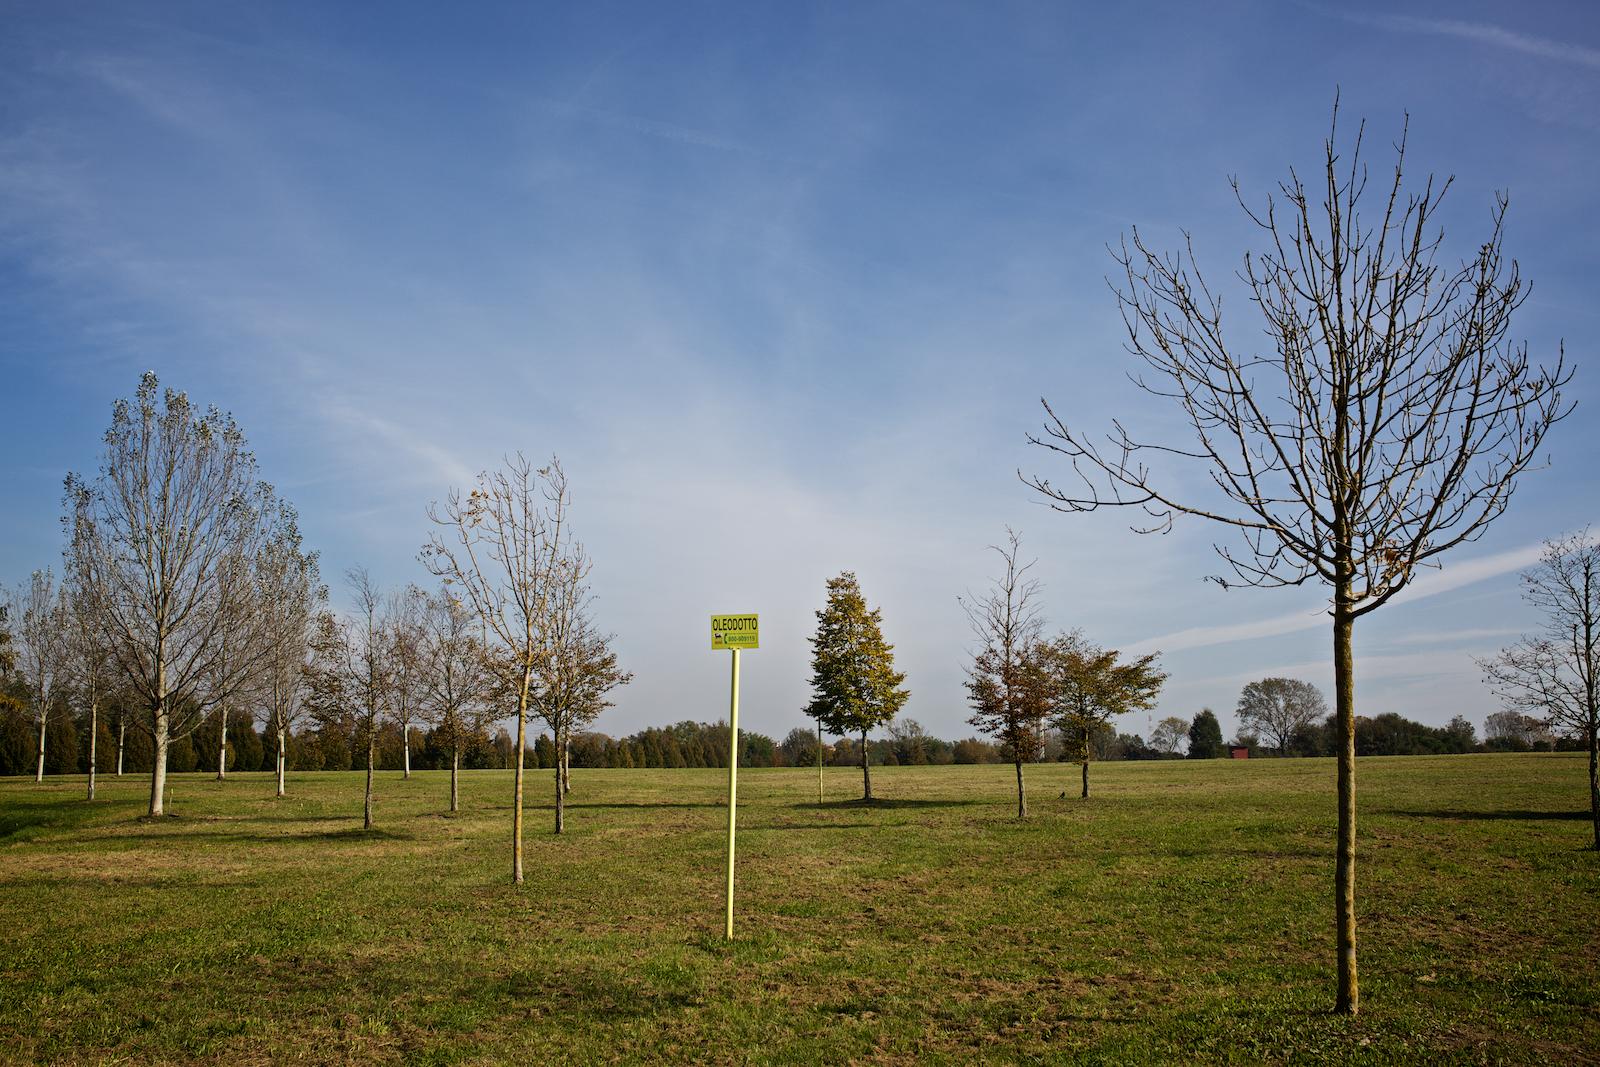 In alcune zone del parco di San Giuliano gli alberi non crescono a causa della presenza nel terreno di agenti contaminanti. Parco San Giuliano (Mestre) Novembre 2014.